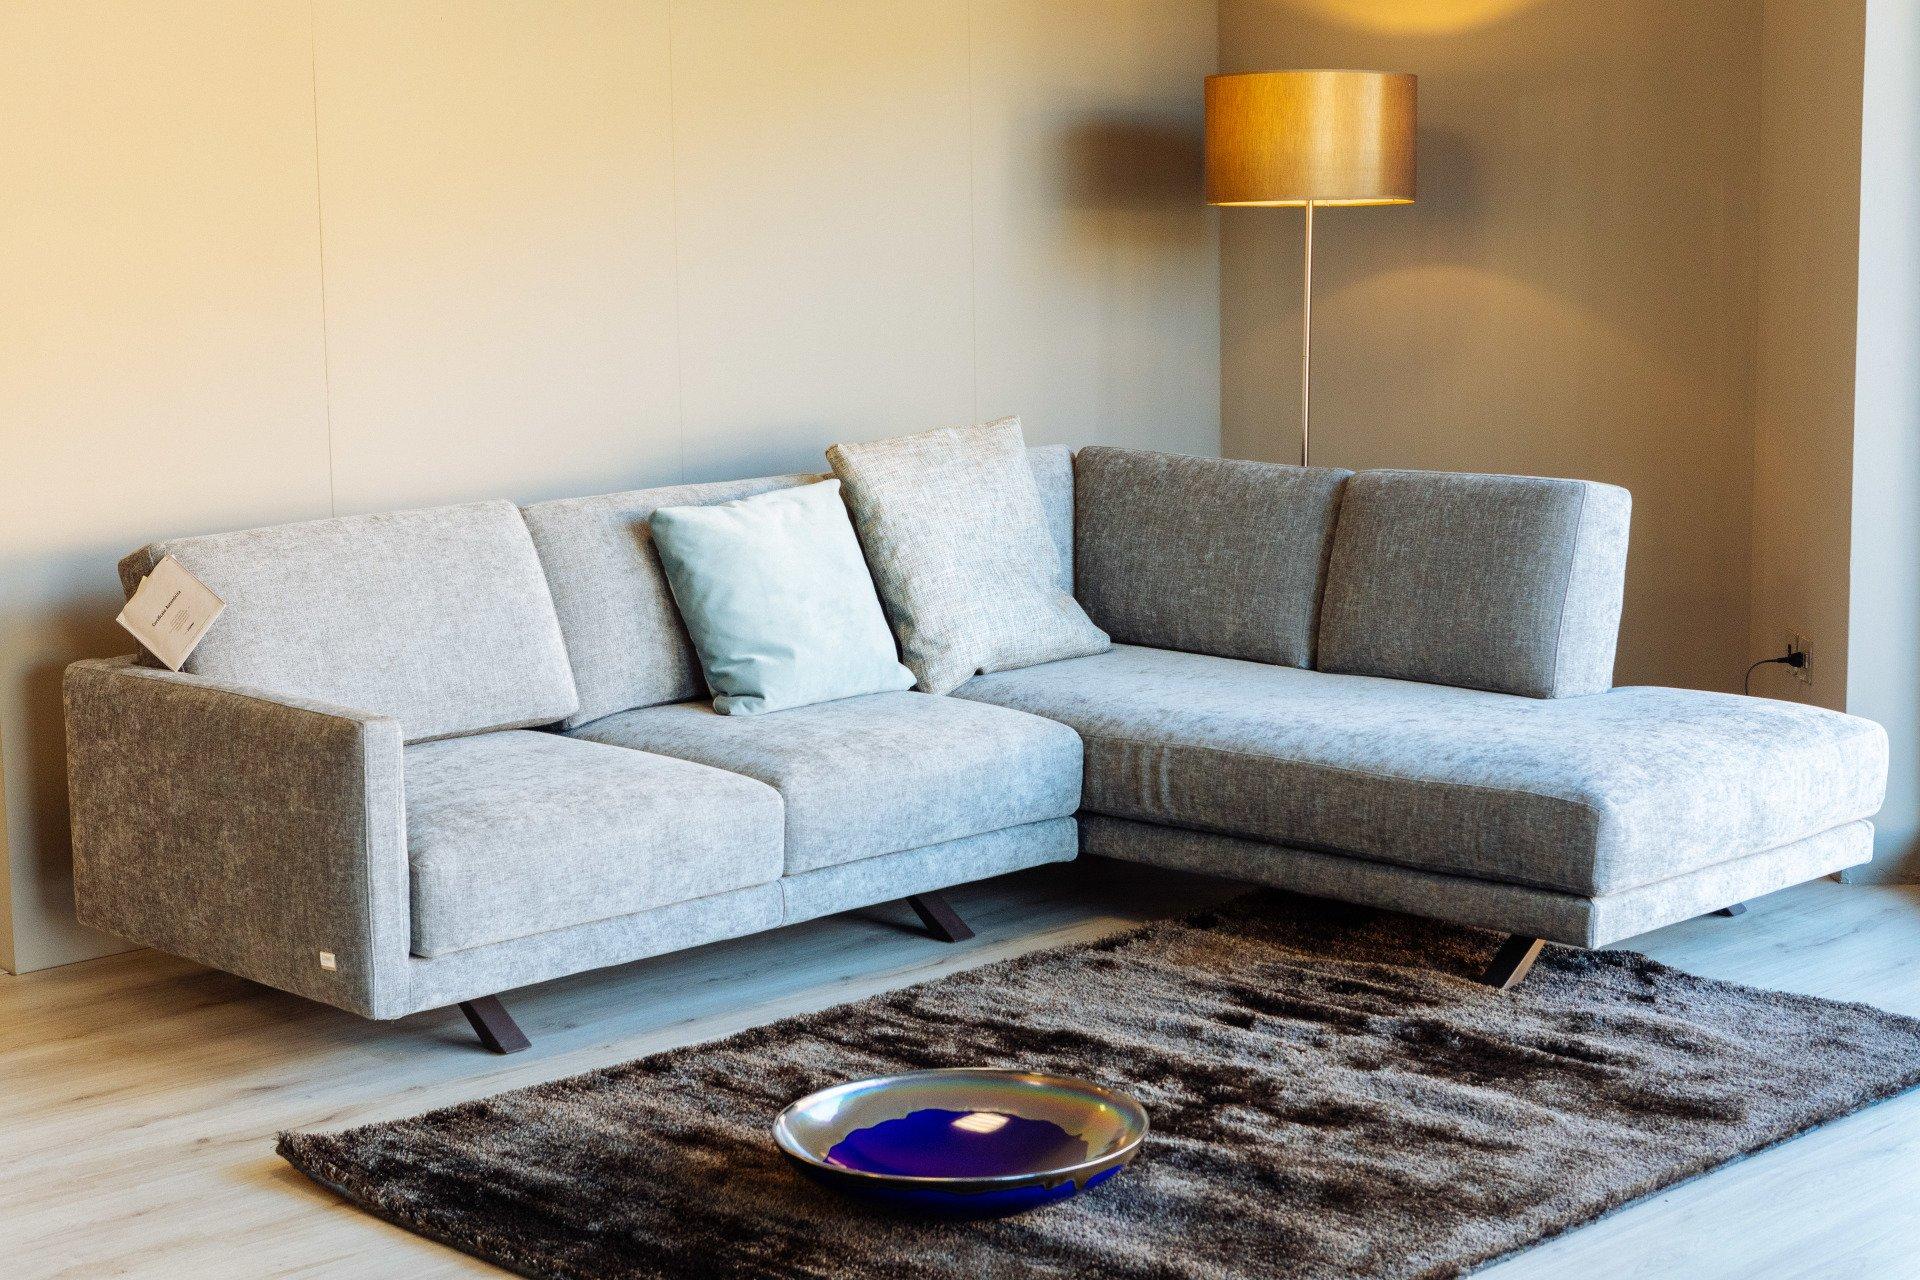 Poltrone e divani trento mobili arese for Divani letto trento